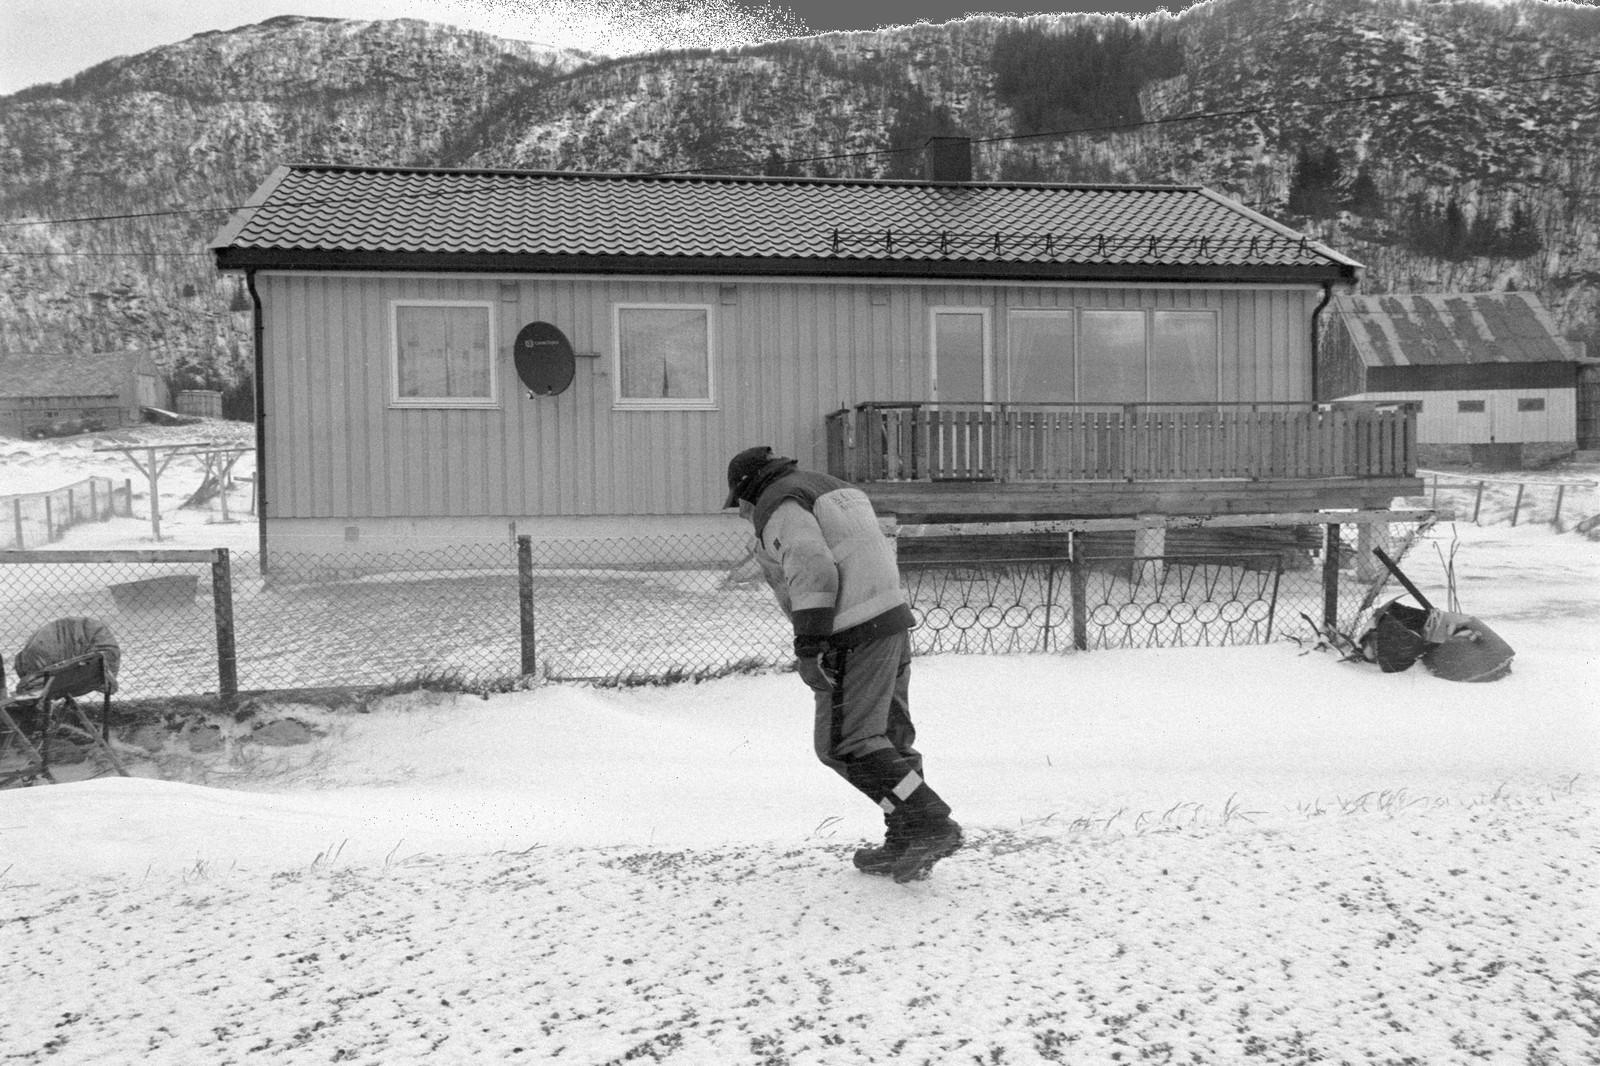 1. premie dokumentar Norge: Tussøy ligger på yttersiden av Troms og har en håndfull fastboende. Det er stor uenighet om hvor mange innbyggere det er på øya. Noen mener det er fem innbyggere, noen sier det er sju og andre igjen vil hevde de er ni. På femtitallet var folketallet rundt seksti, men gradvis flyttet folk nærmere skole, jobb og en mer praktisk hverdag.  Juryens begrunnelse: Dette er årets overraskelse. Vi lar oss imponere over fotografer som står i slike langvarige prosjekter. Ofte savner vi samtidsdokumentasjon fra eget land, spesielt i en tid der vi trekkes bort fra bygda og inn til byene. Dette er klassisk reportasjefotografi som dokumenterer norsk kultur og landskap på en grundig måte. Fotografen har turt å holde på sitt eget bildespråk gjennom hele historien. Det er snø og kulde, men vi føler varmen – vi har lyst til å være der. Fotografen er på innsiden, og vi er der med henne.